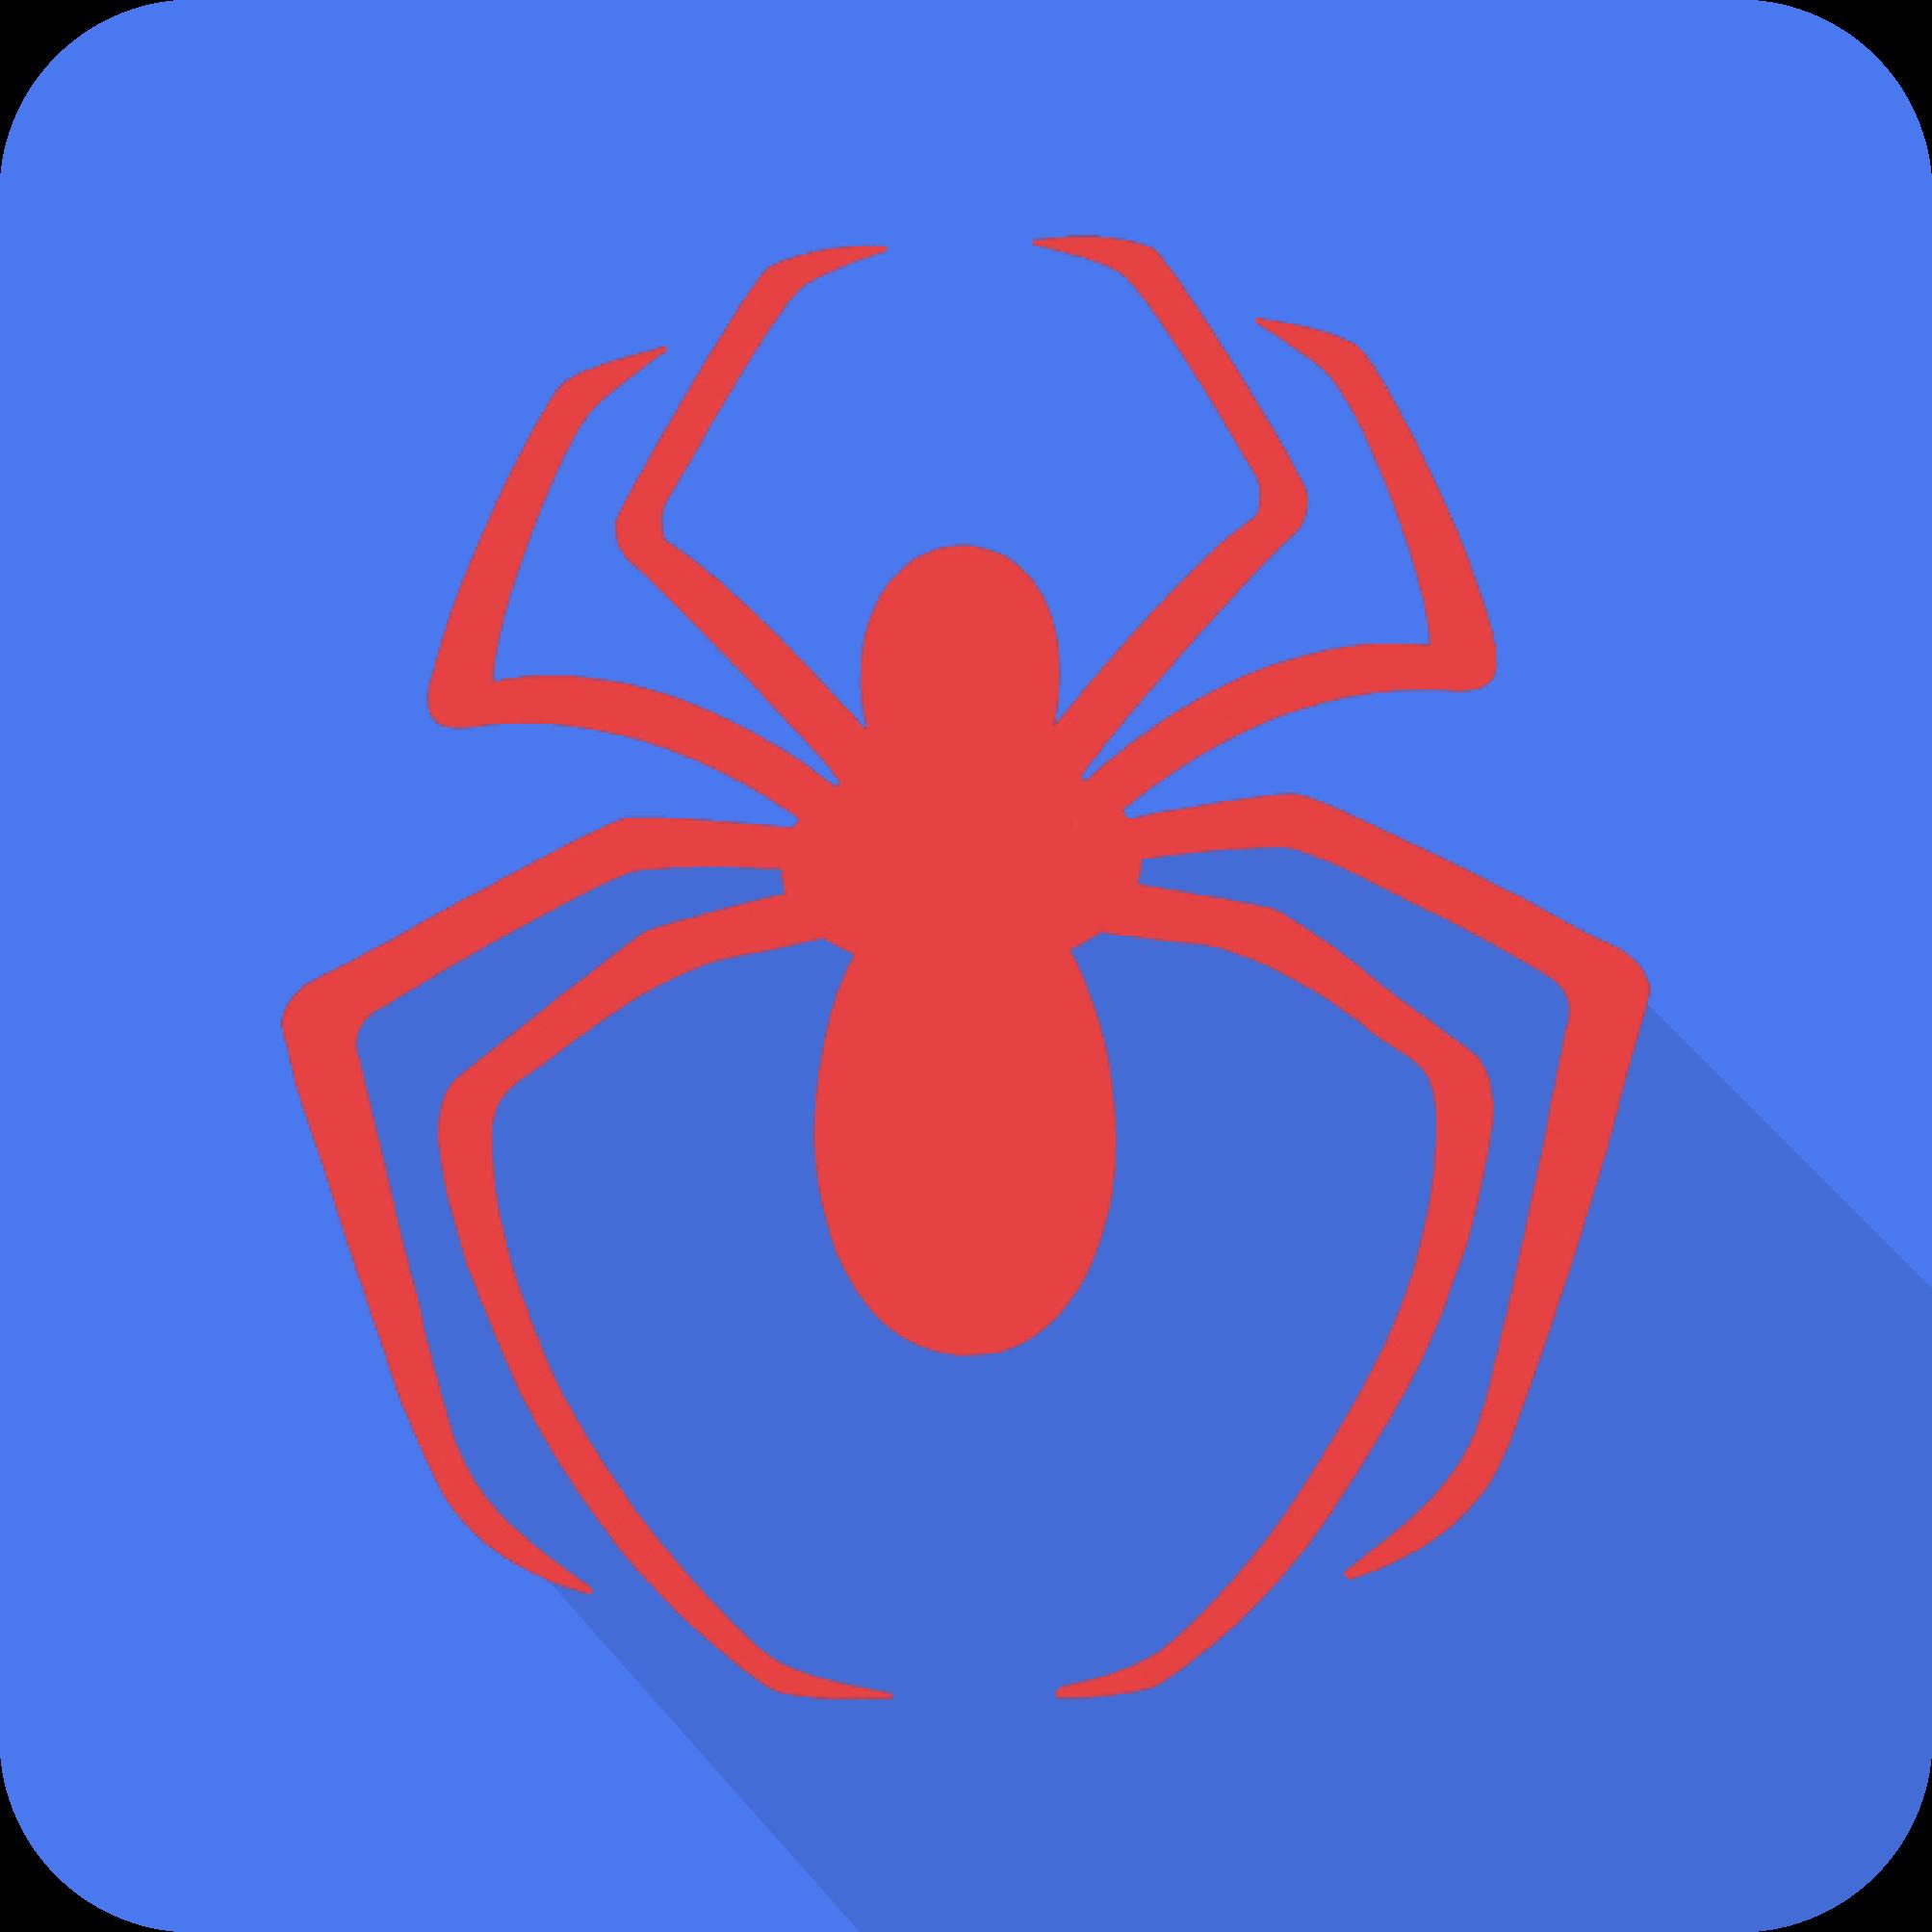 Spider-Man Material Design Logo by XxHarutxX on DeviantArt